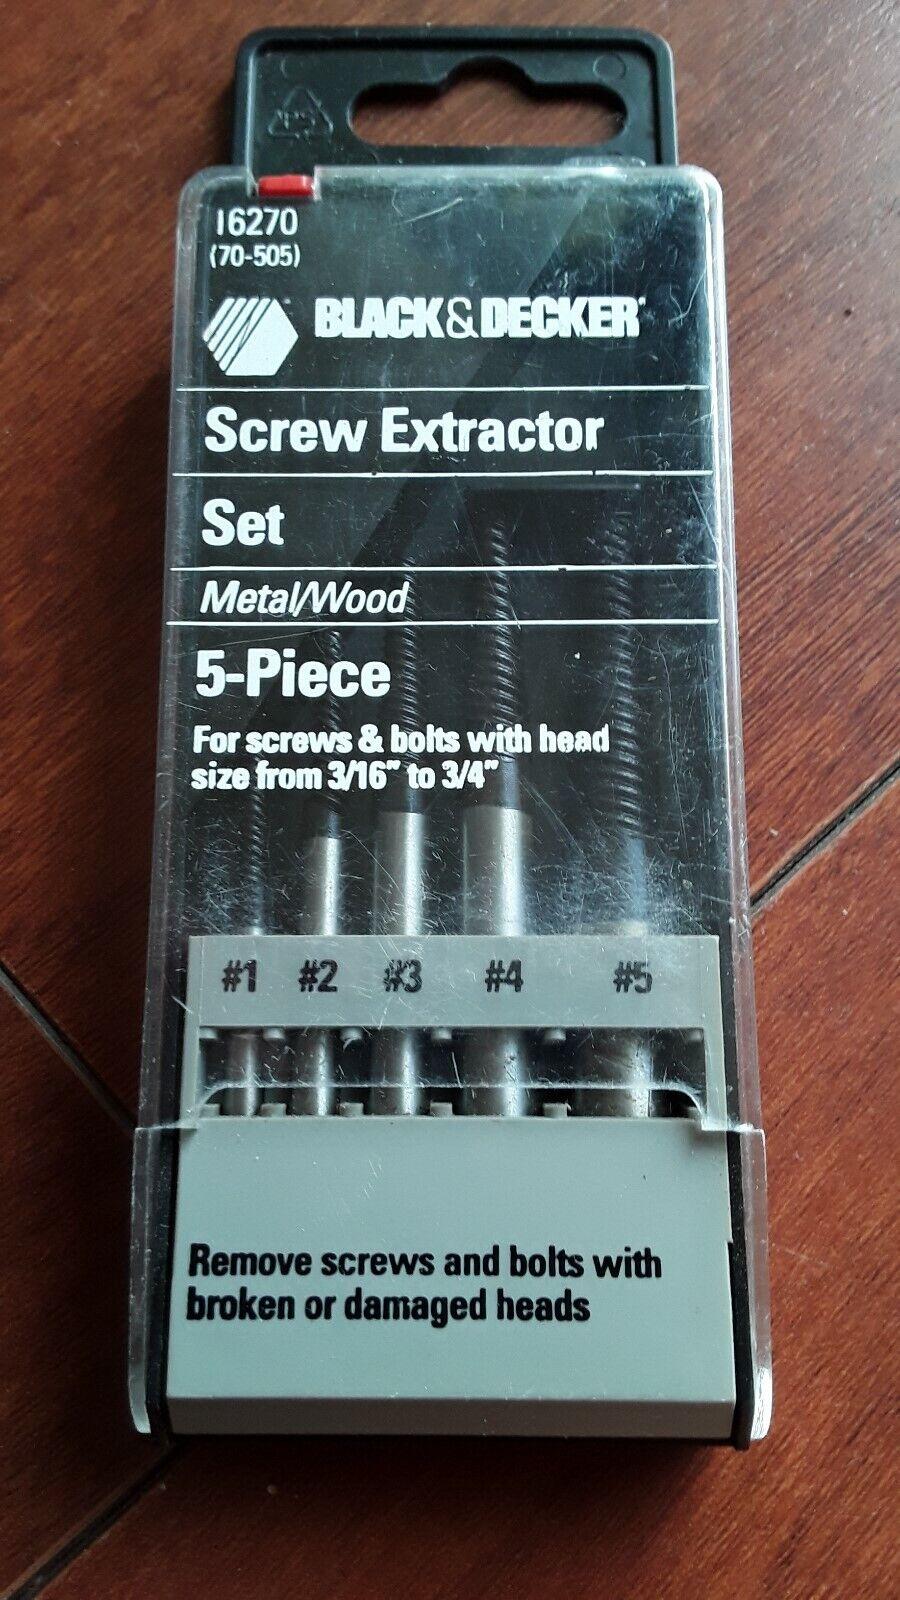 BLACK & DECKER 5 PC. METAL WOOD SCREW EXTRACTOR SET 16270. N